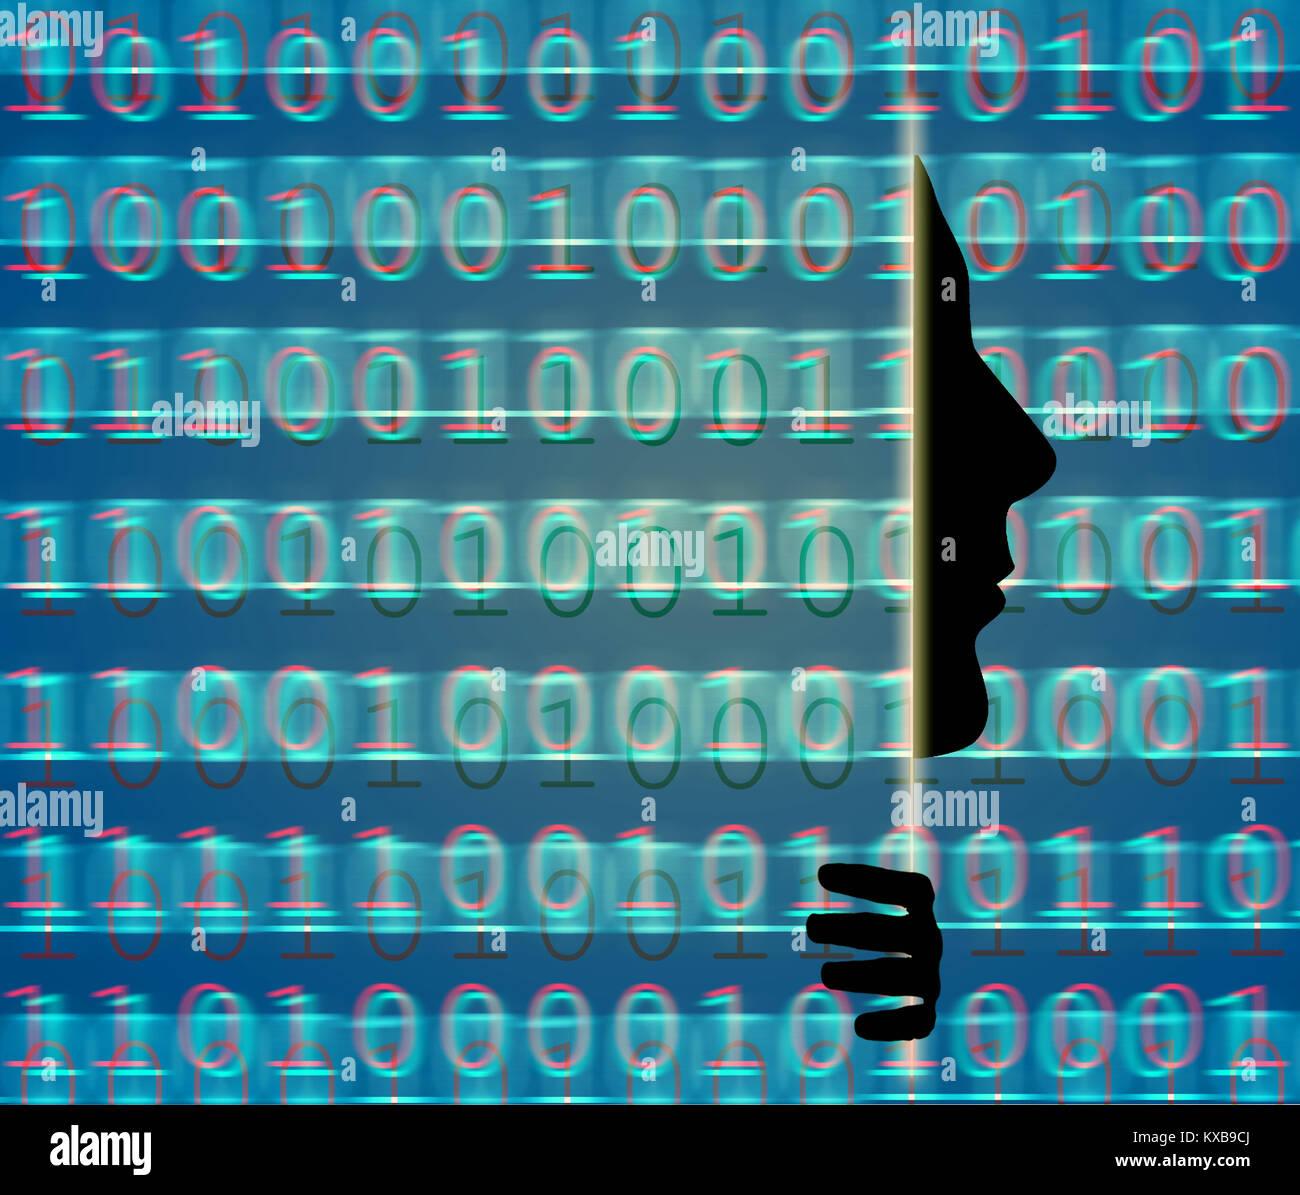 Secutity web con código binario y de perfil humano. Imagen De Stock